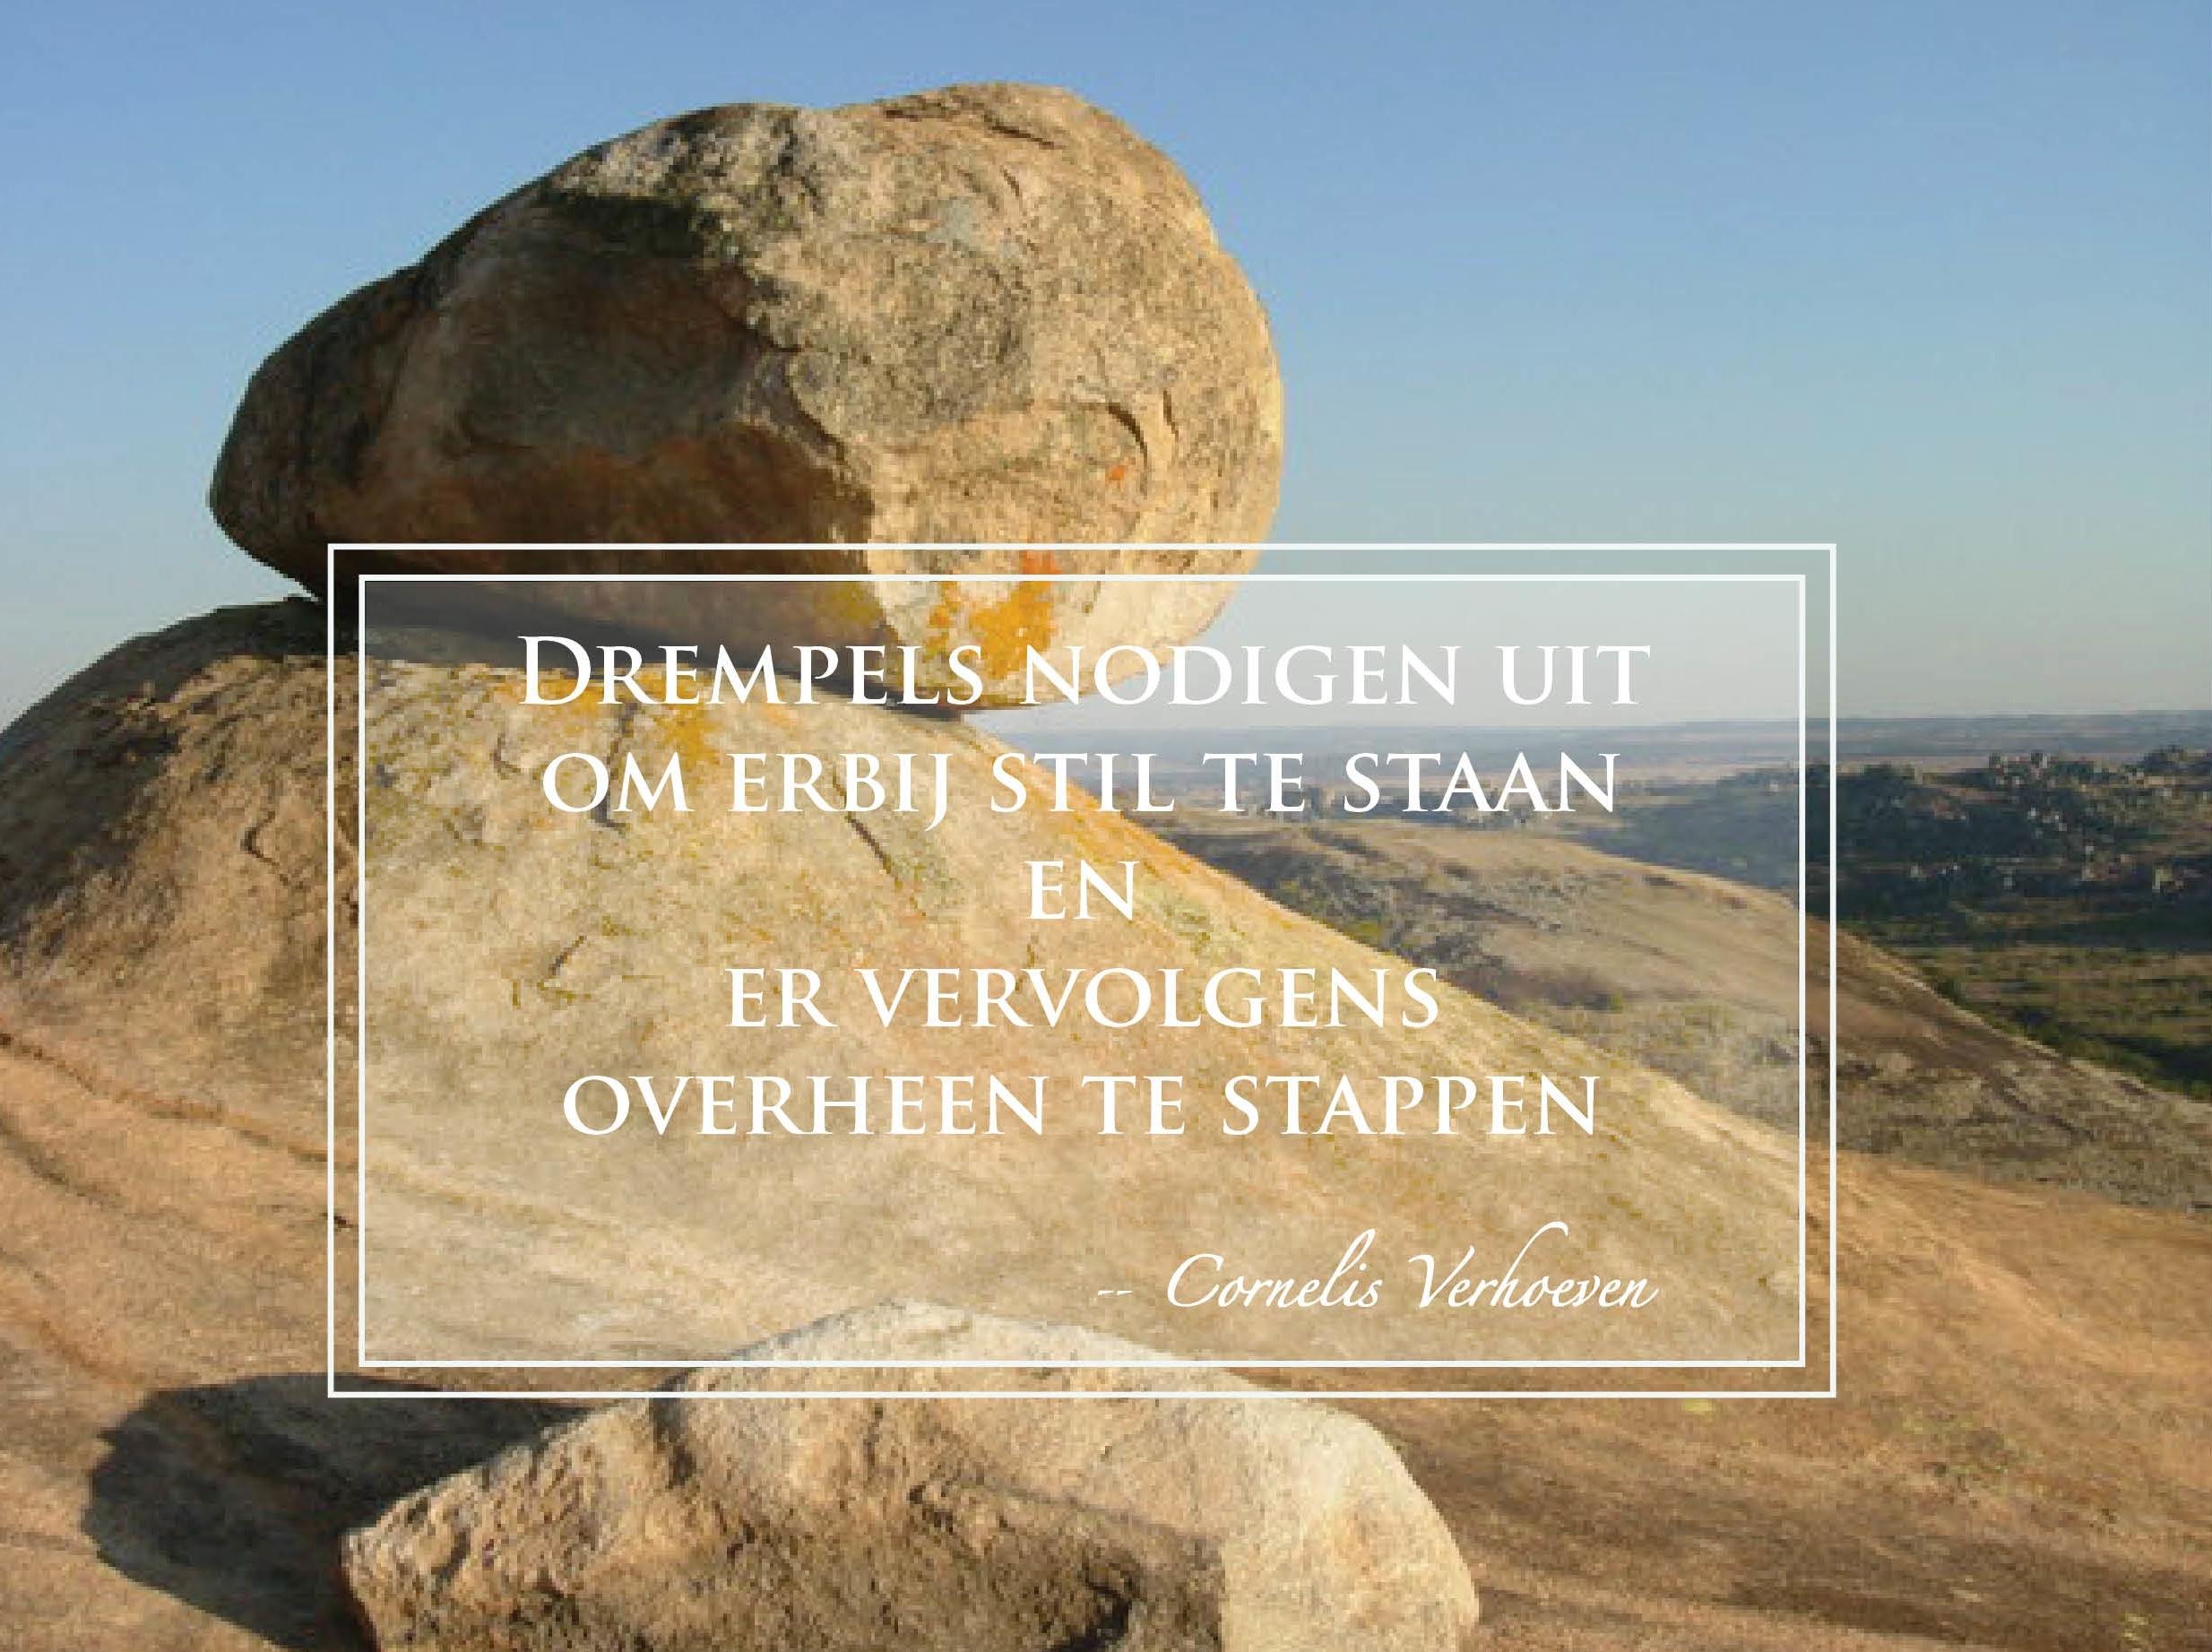 Cornelis Verhoeven